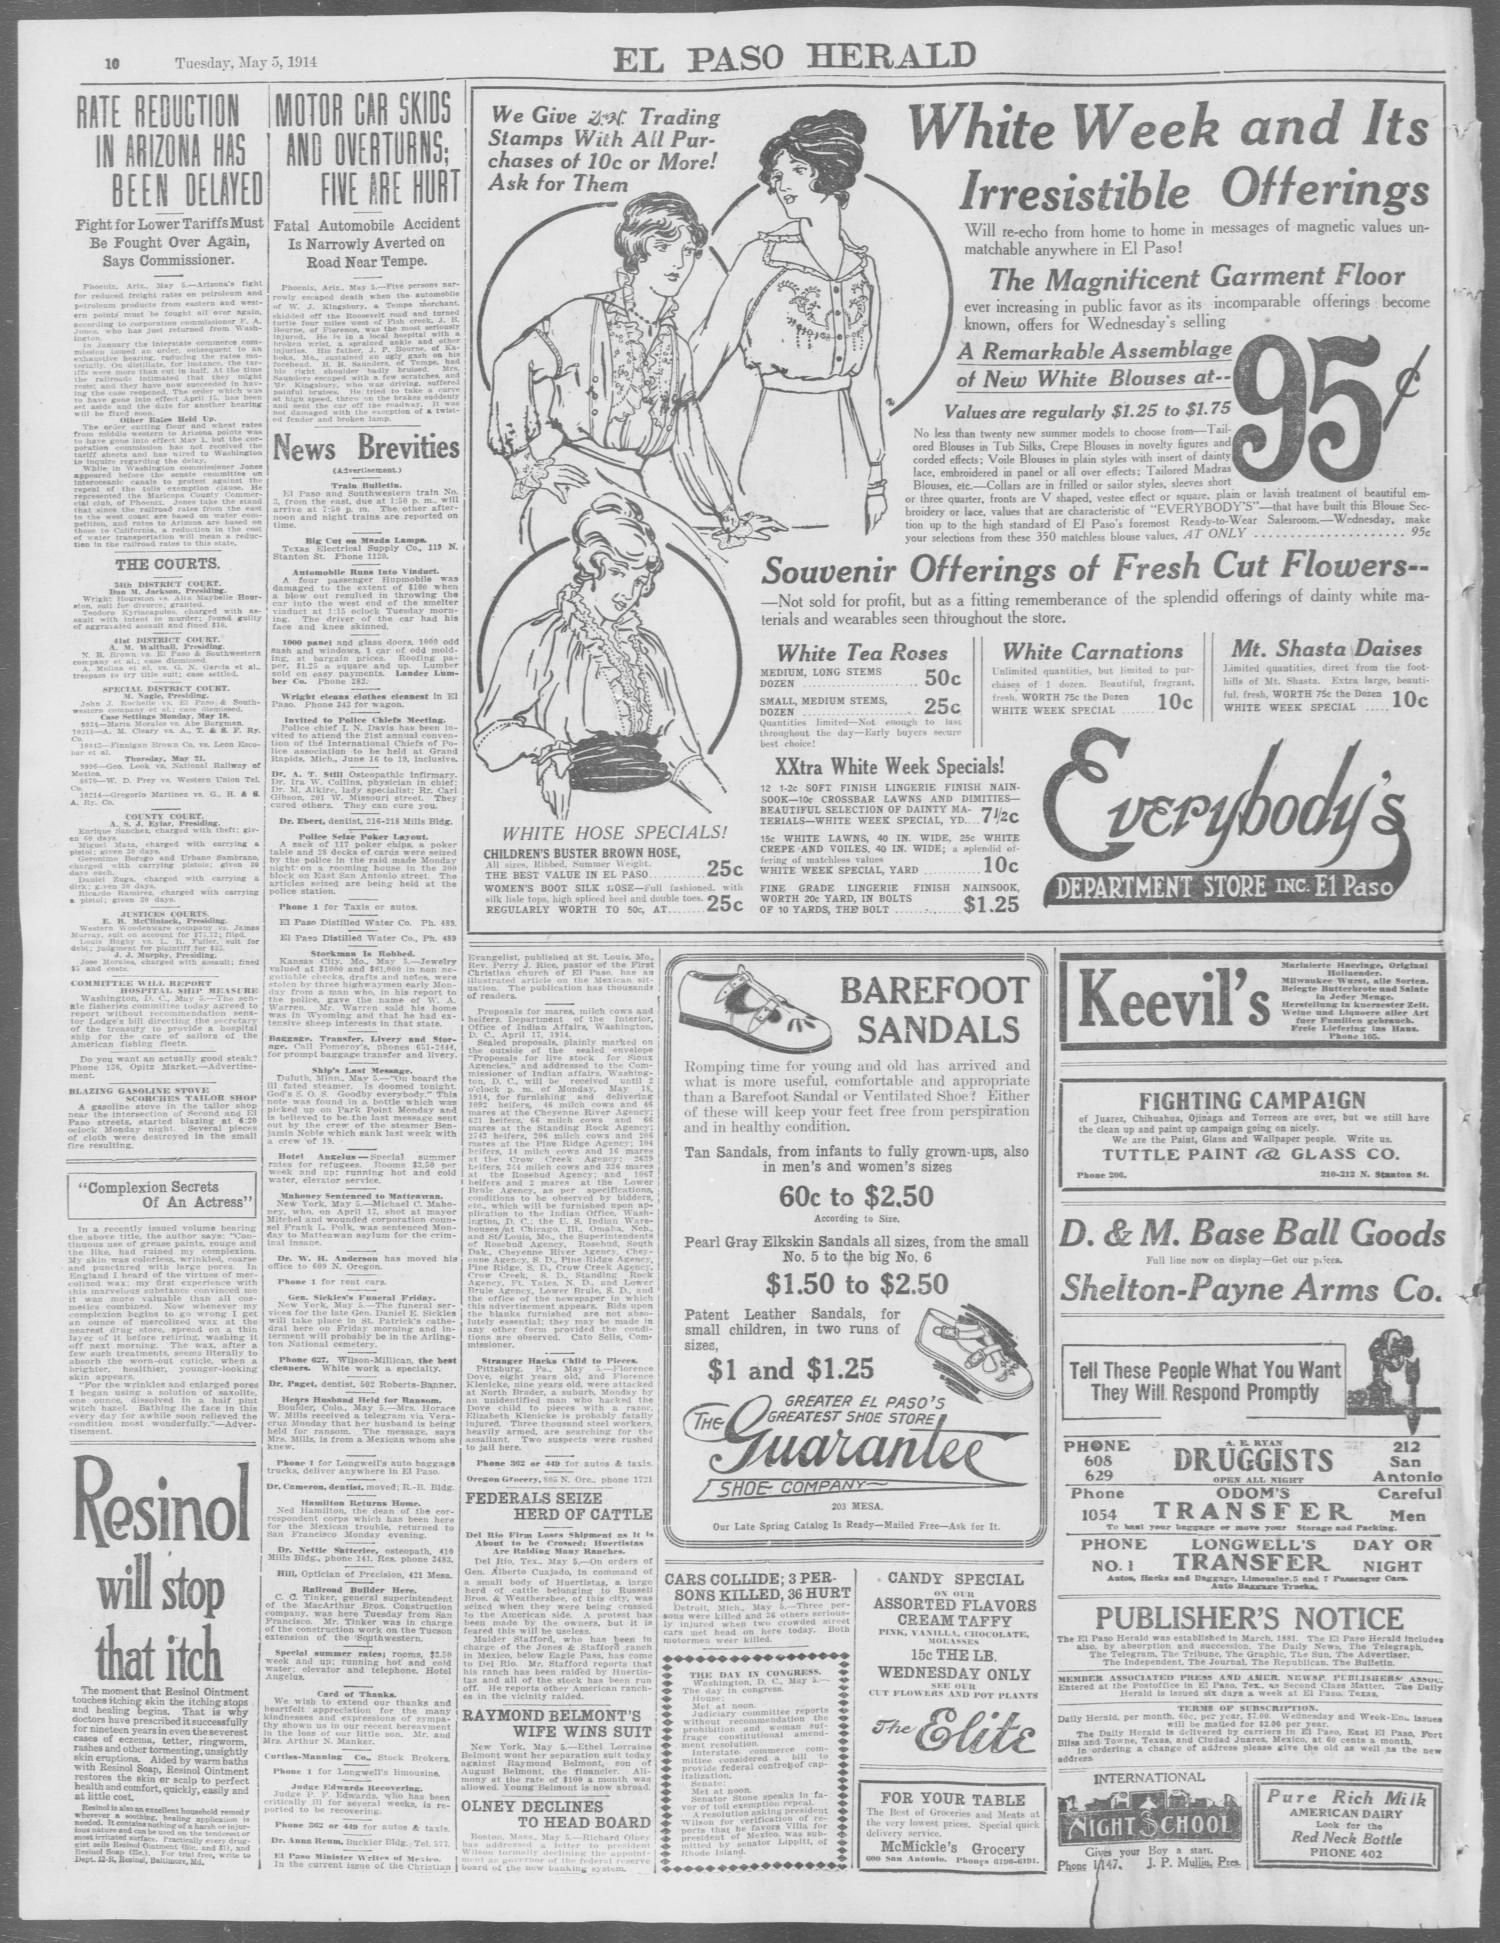 El Paso Herald (El Paso, Tex ), Ed  1, Tuesday, May 5, 1914